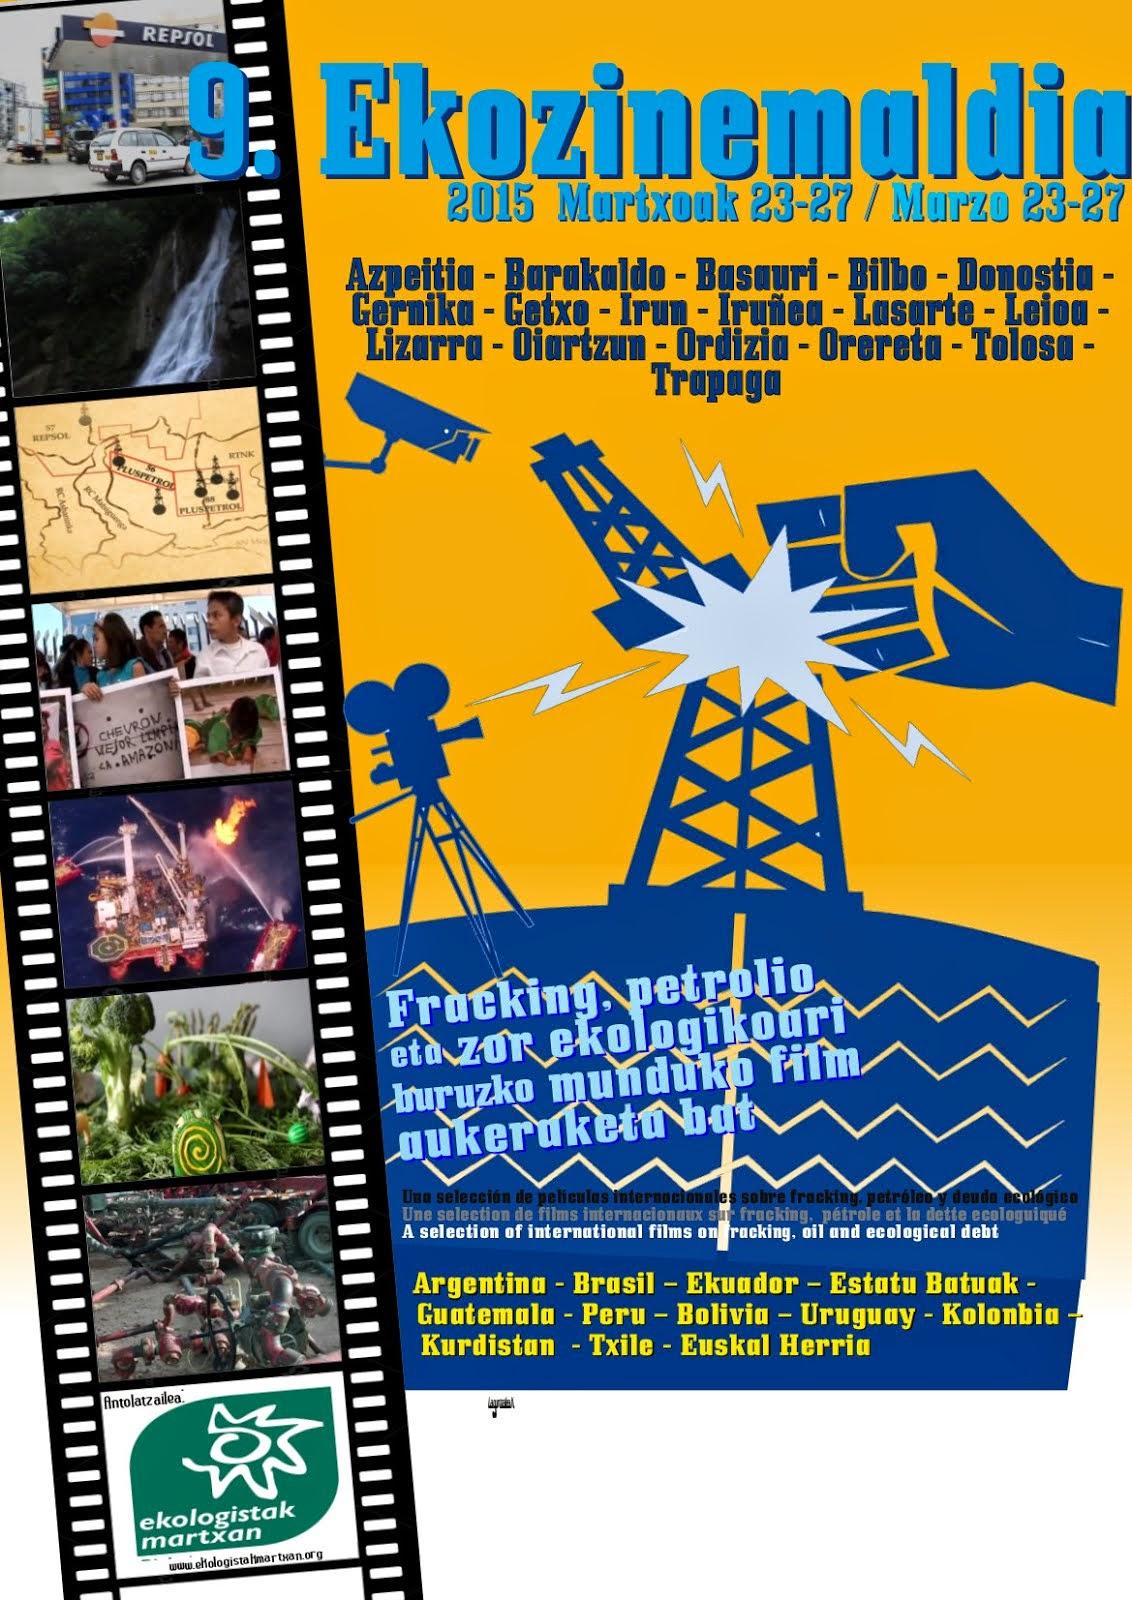 EkoZinemaldia 2015